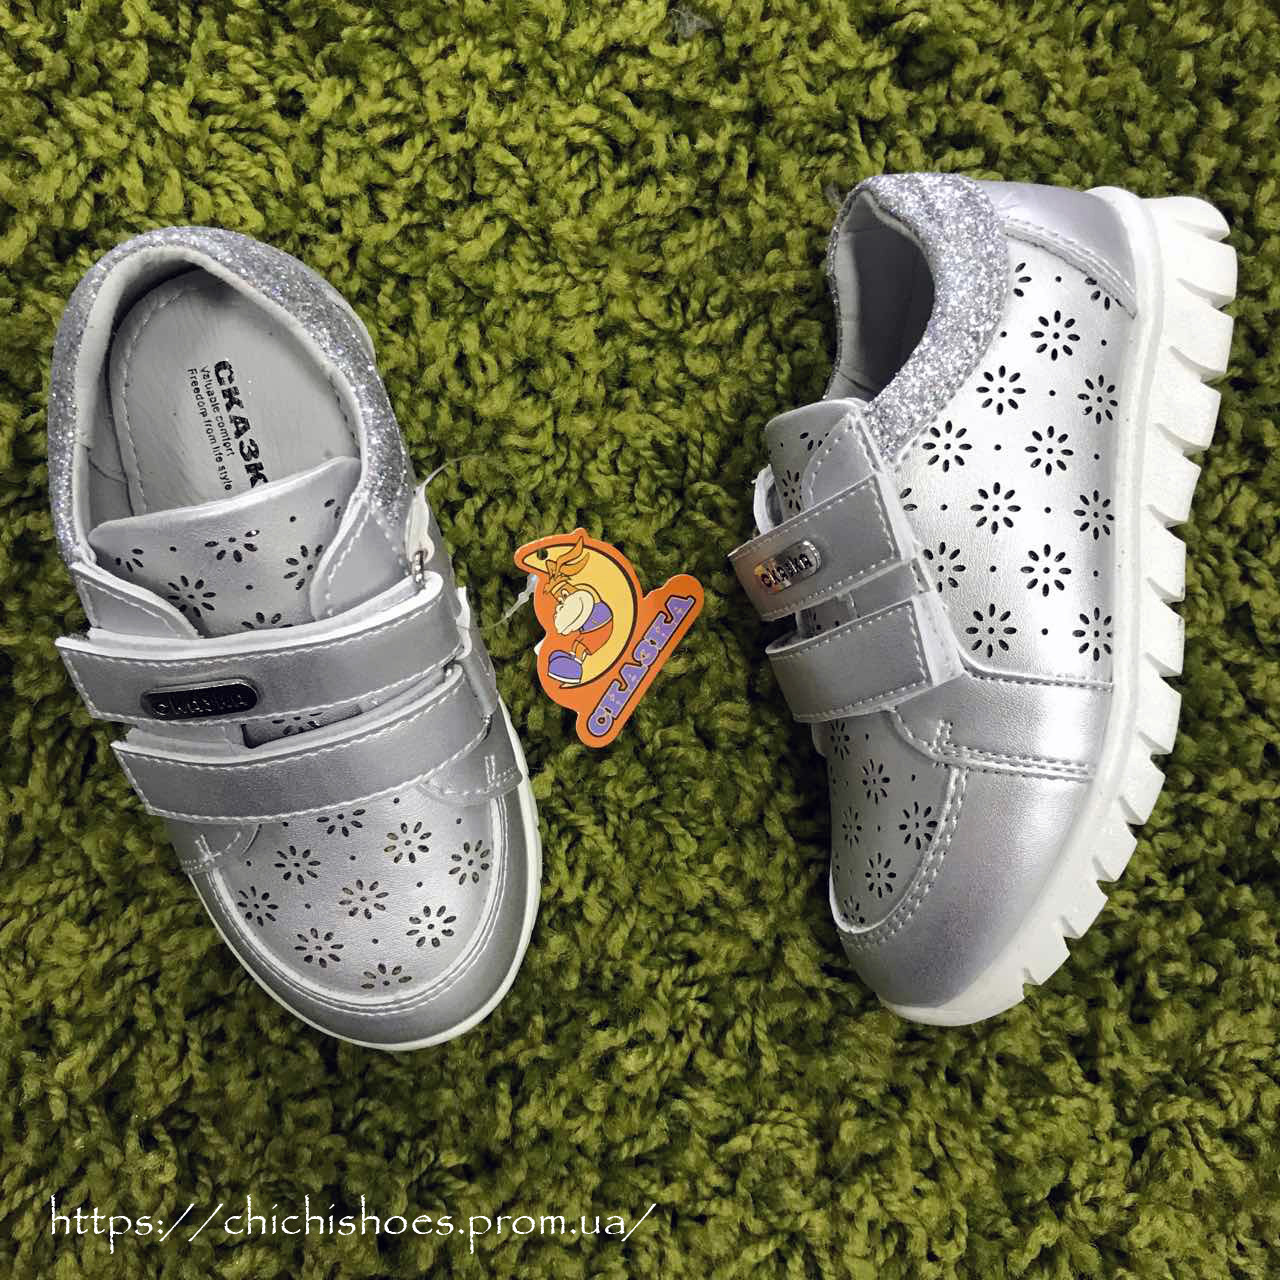 221d5c2534054c Серебристые кроссовки СКАЗКА 22-26 размер - интернет-магазин детской обуви  и аксессуаров